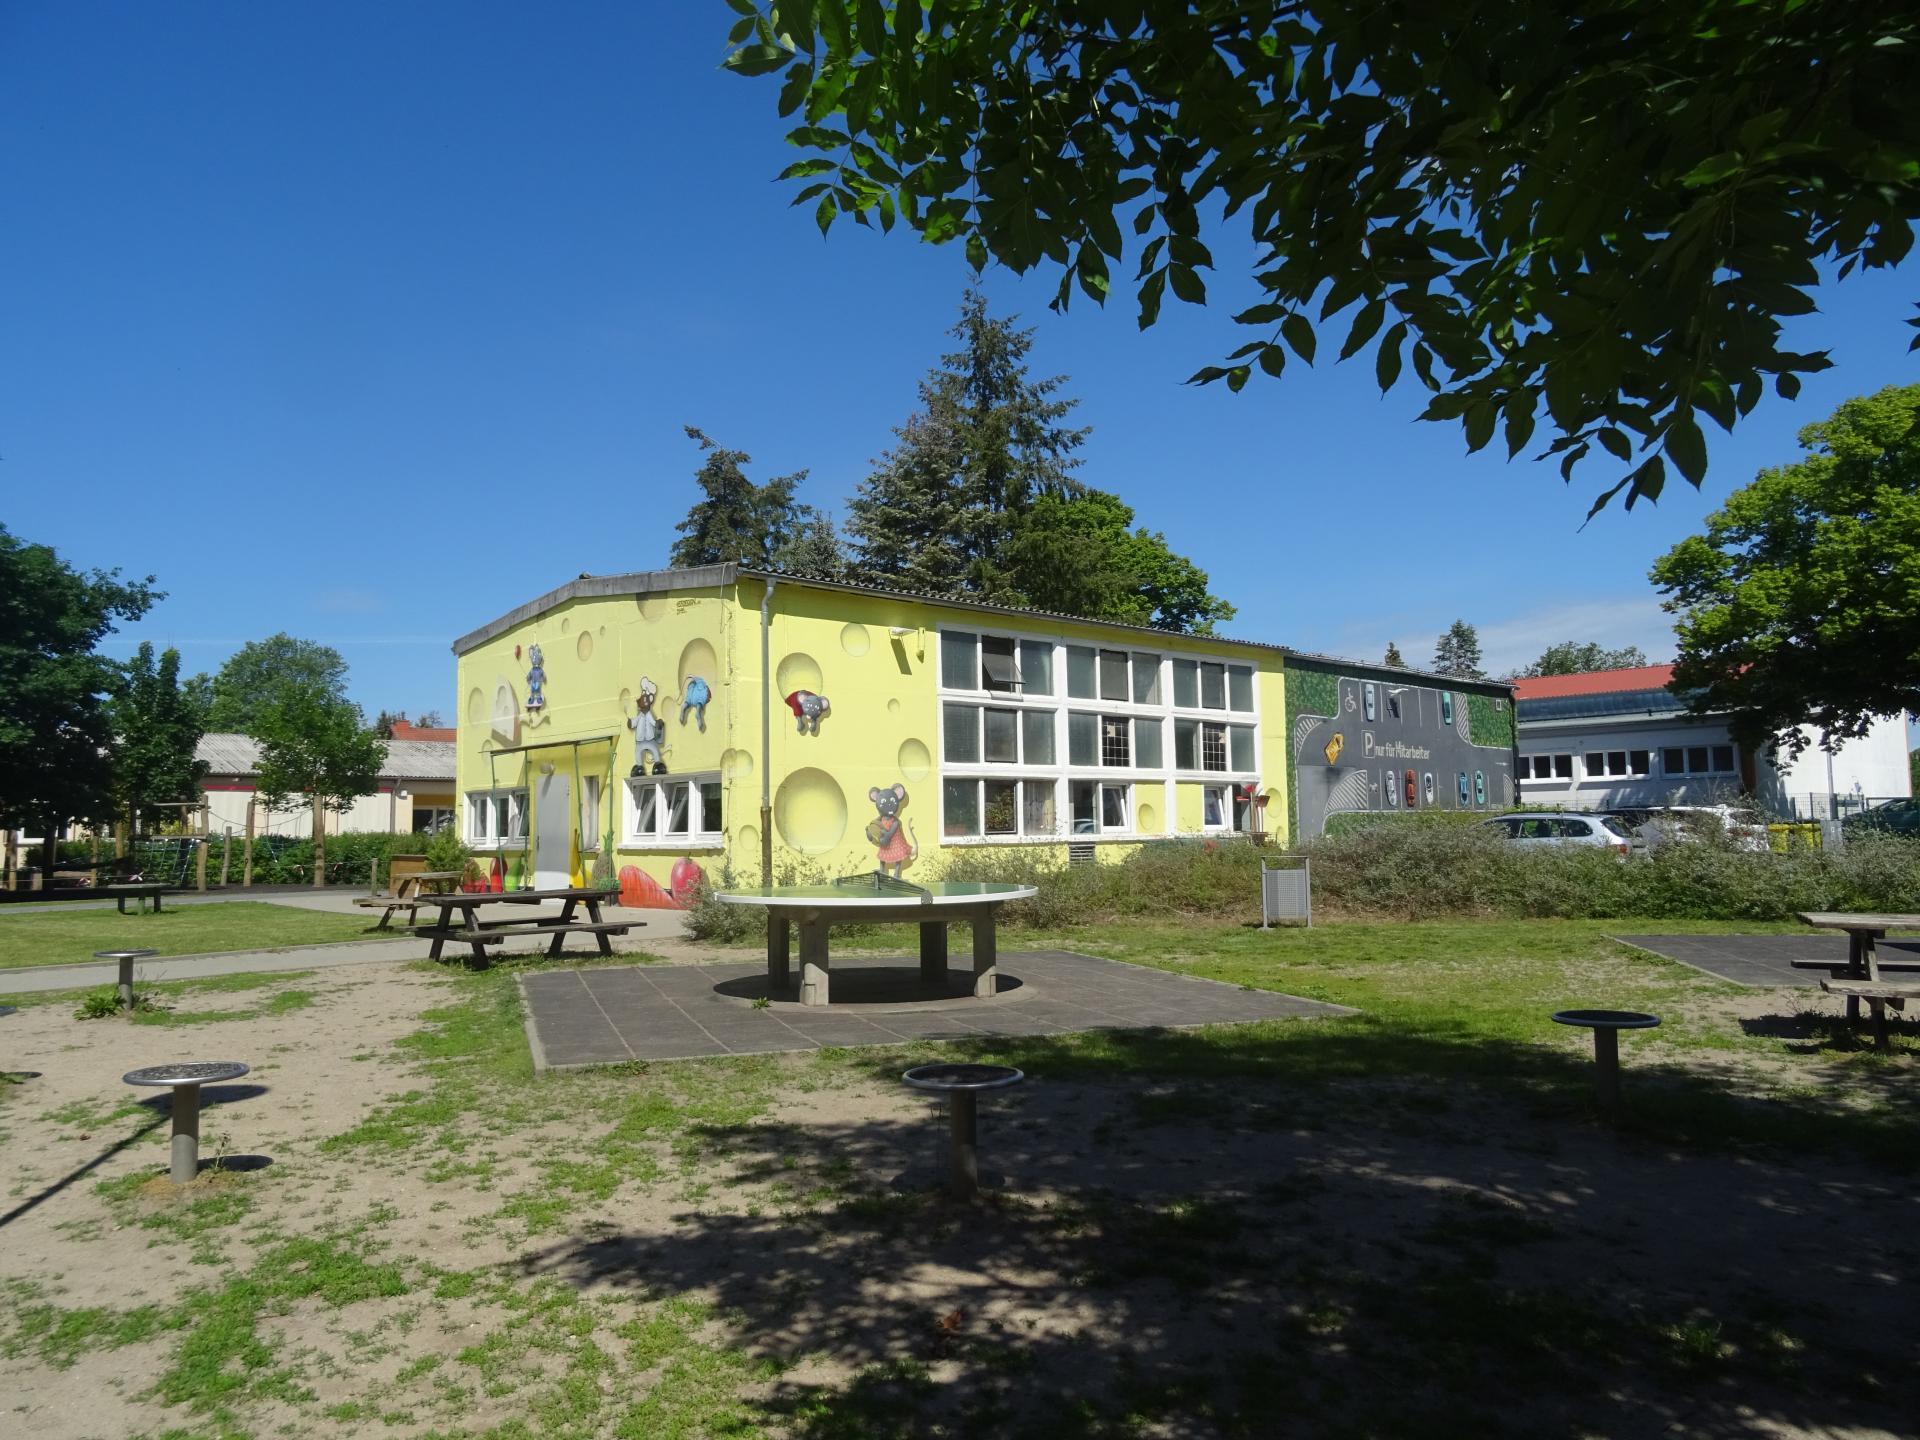 Spielplatz Foto: Info Punkt Lebus